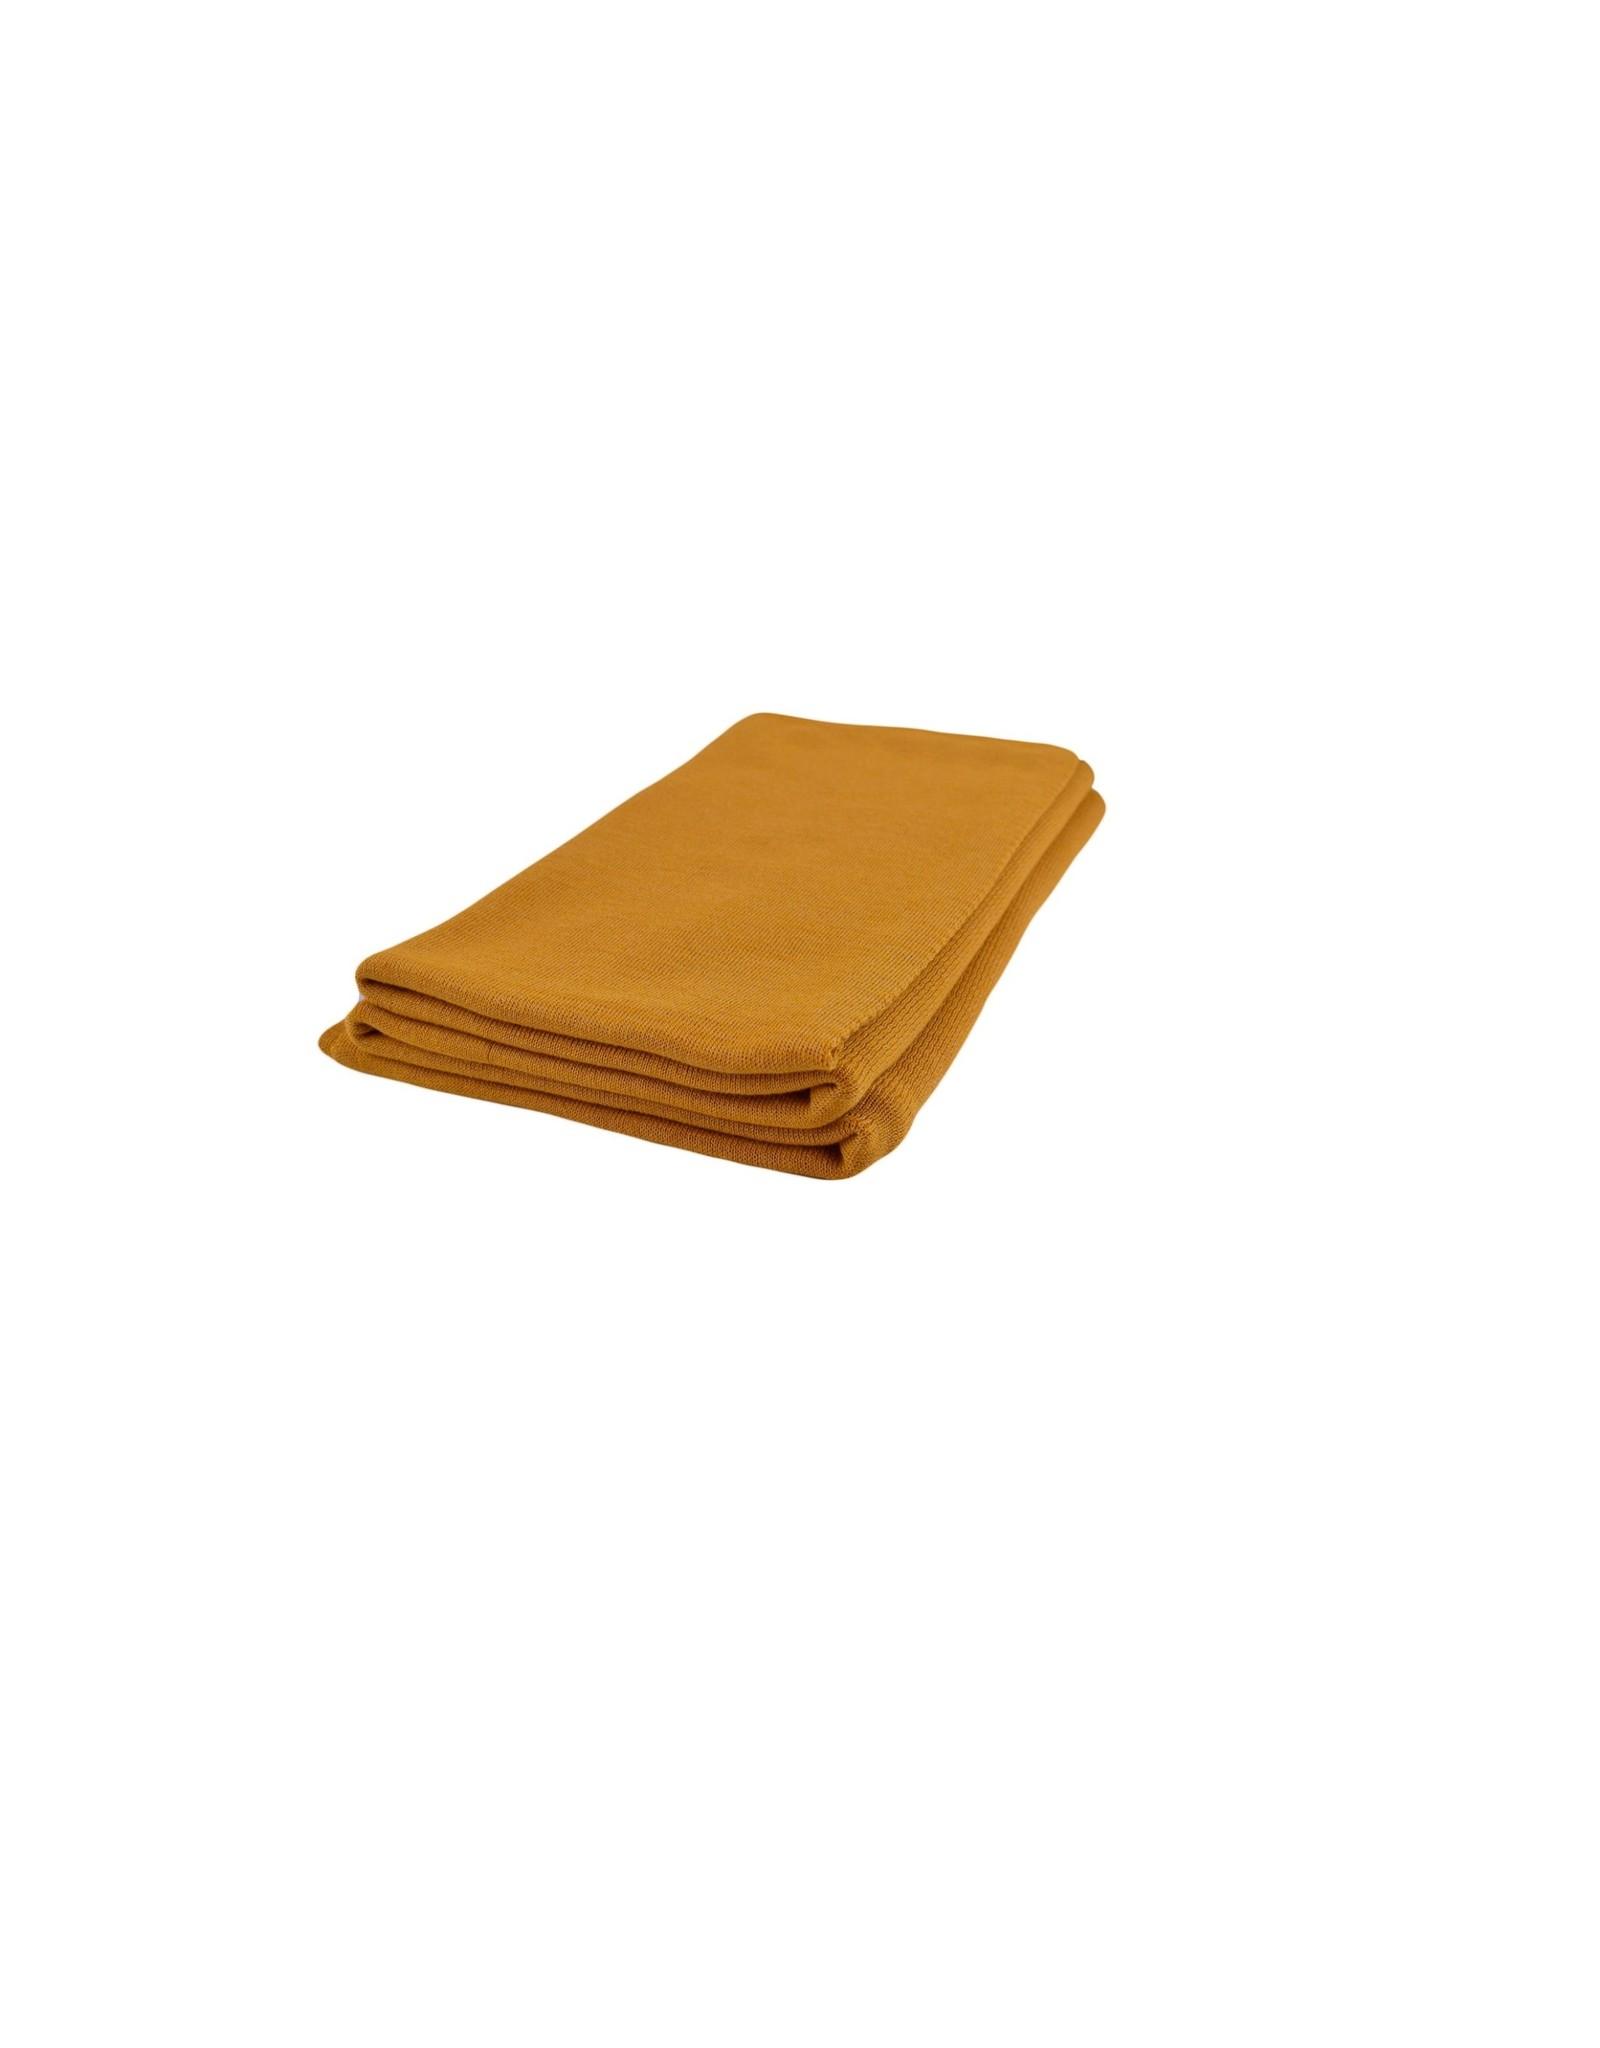 Forgaminnt Forgaminnt Deken 100x120cm Mustard Sunset